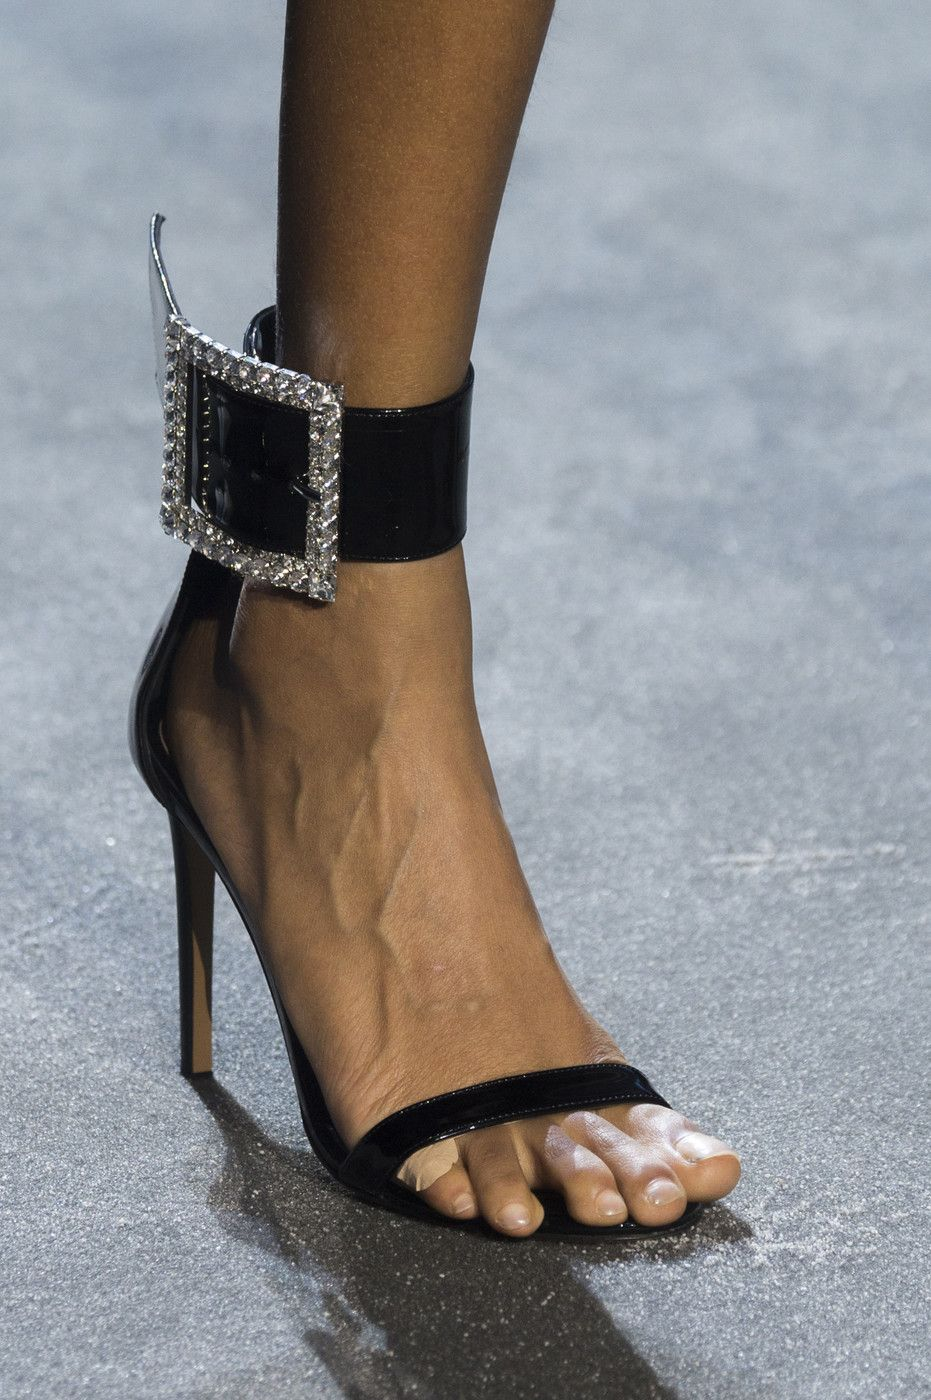 alexandre vauthier shoes online